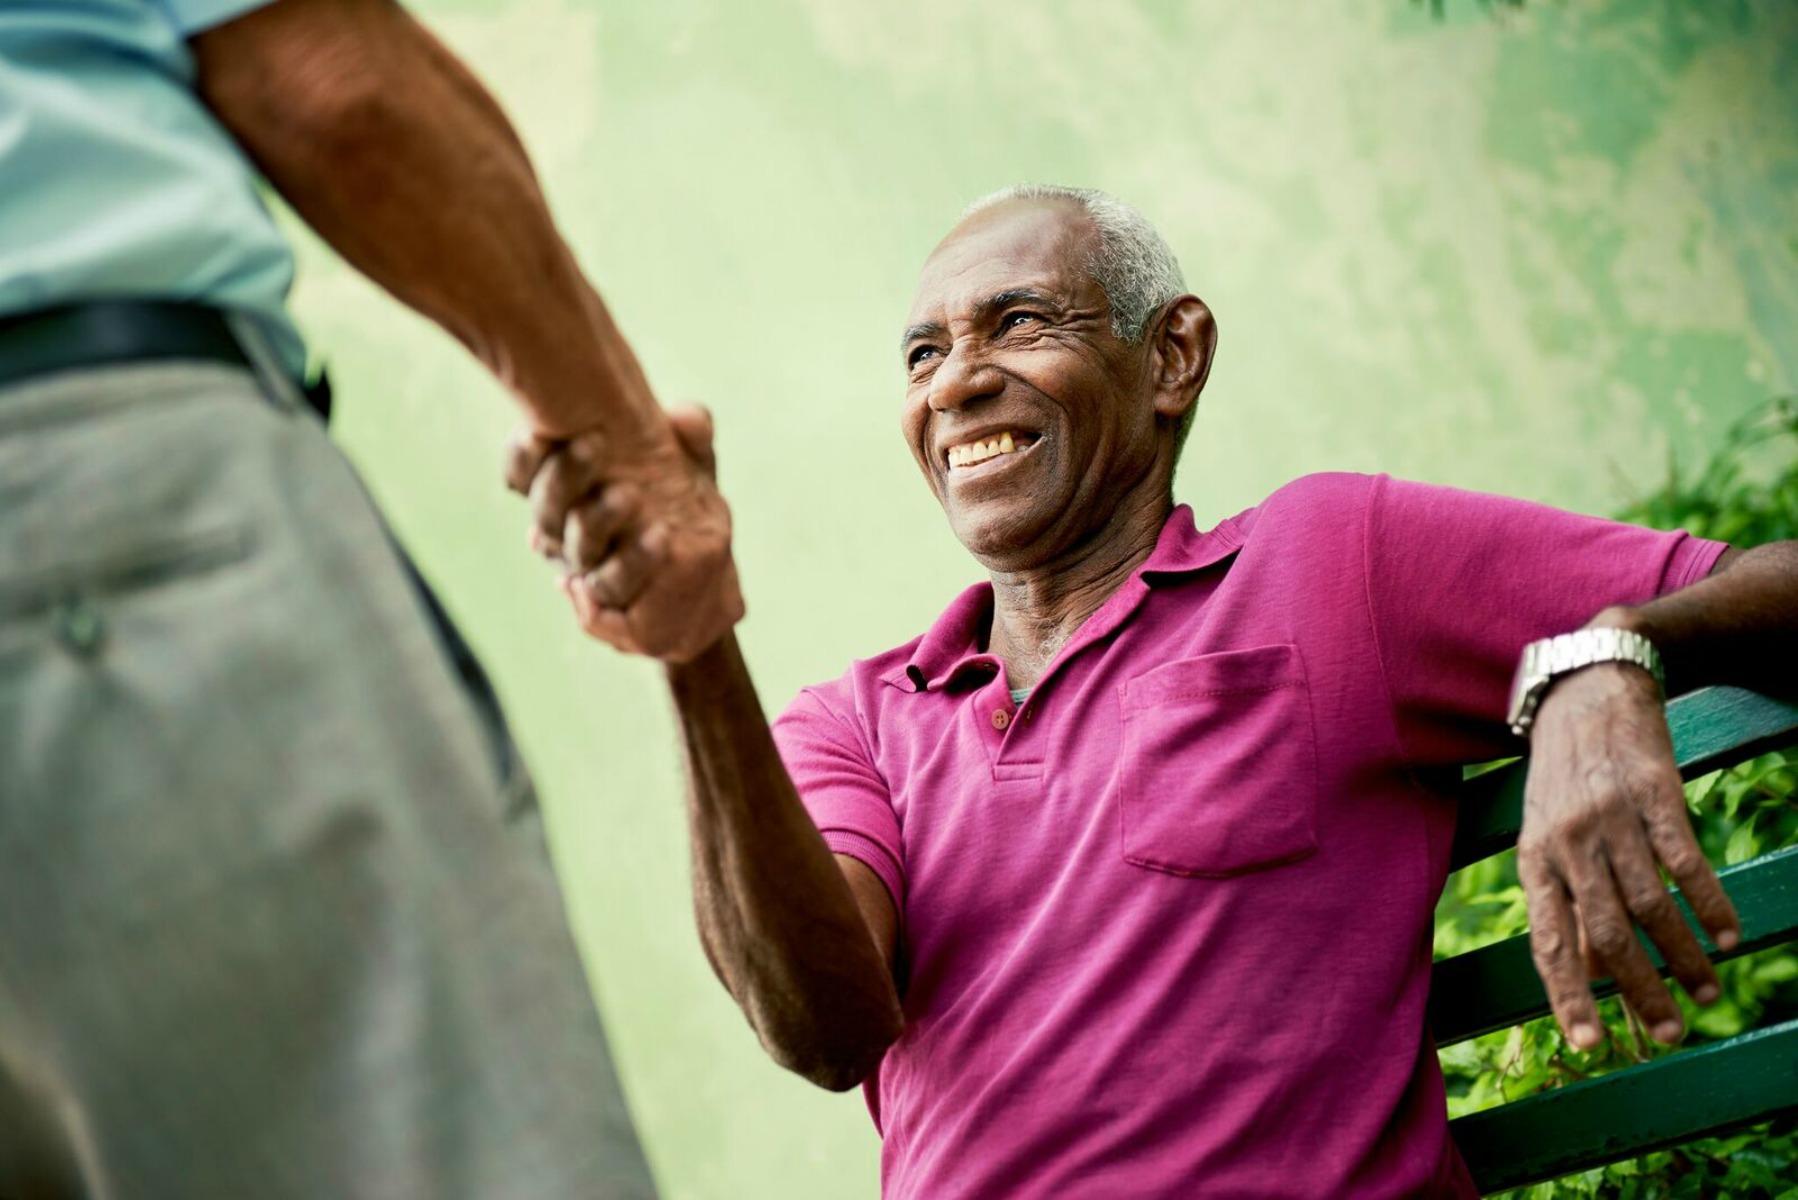 Social Seniors: Sense of Purpose